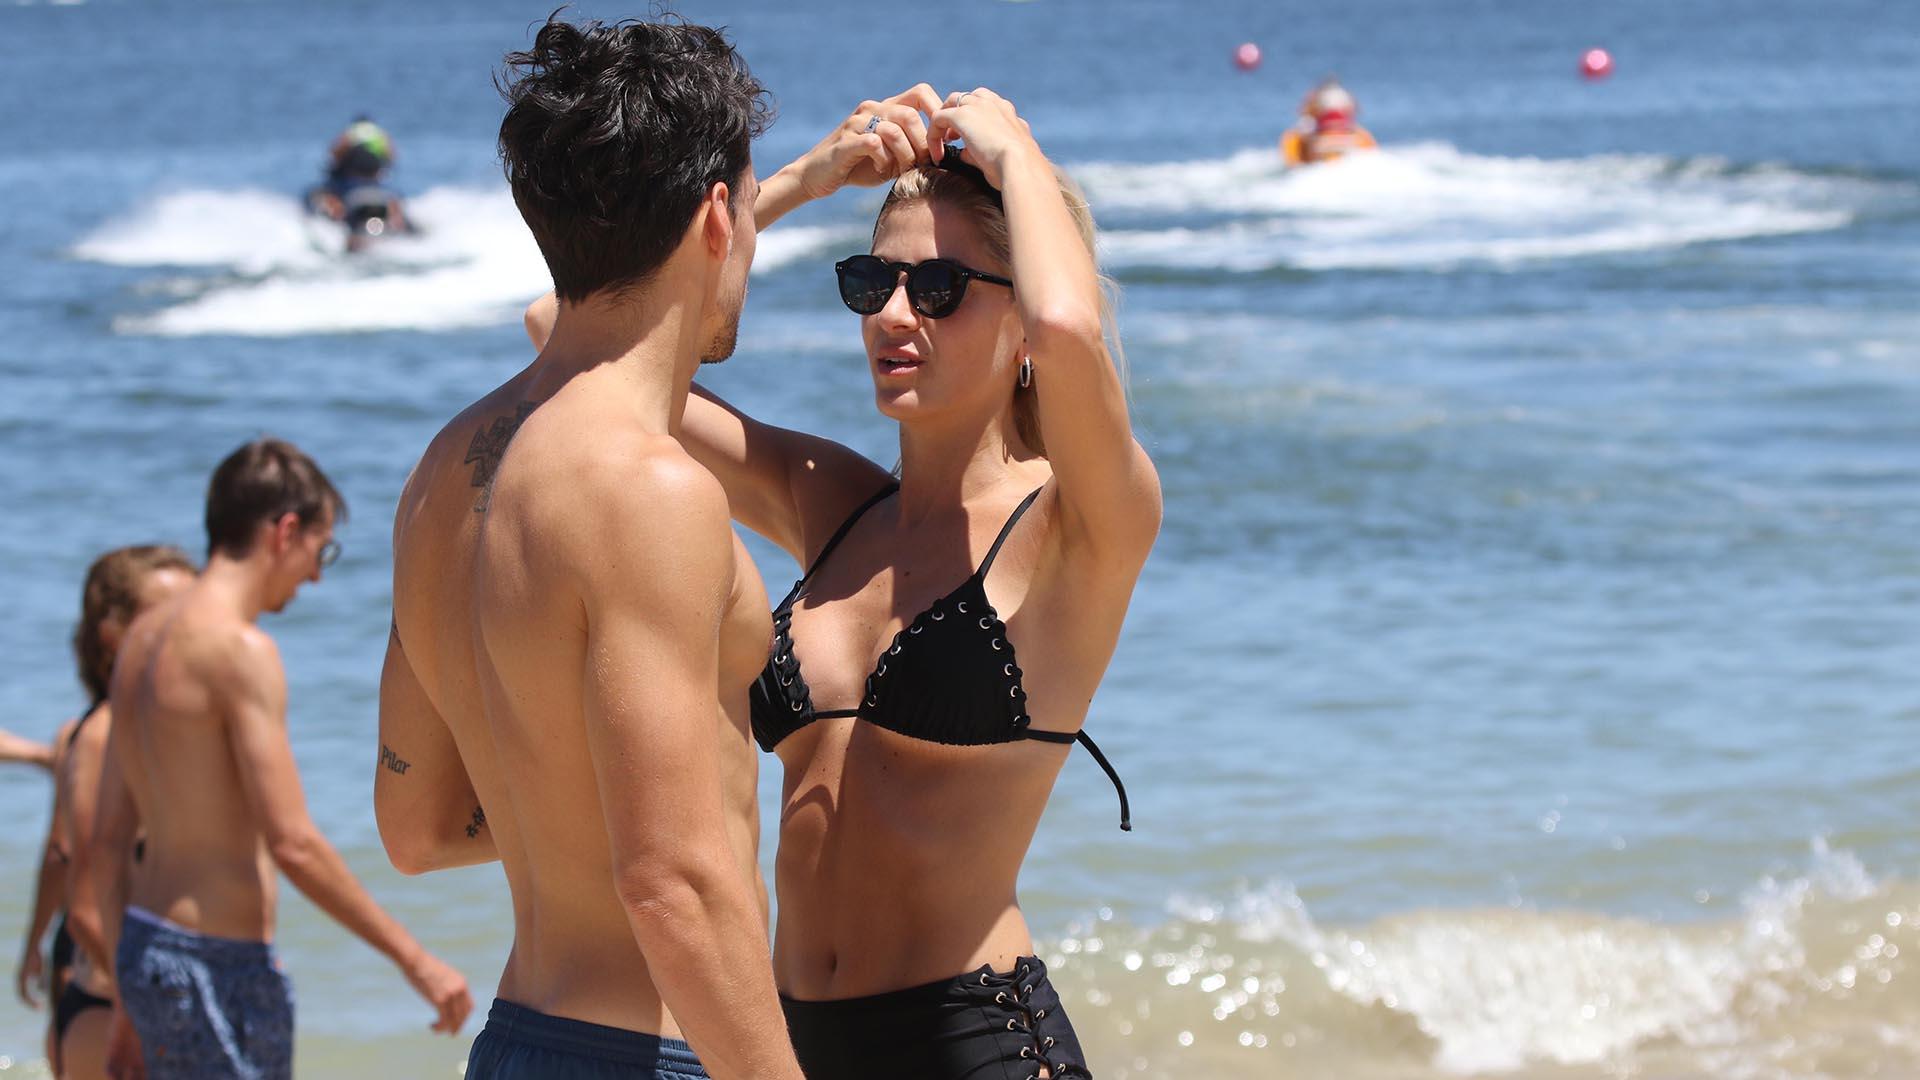 Cande lució una bikini negra, anteojos y una vincha, mientras que Nicolás optó por un short azul